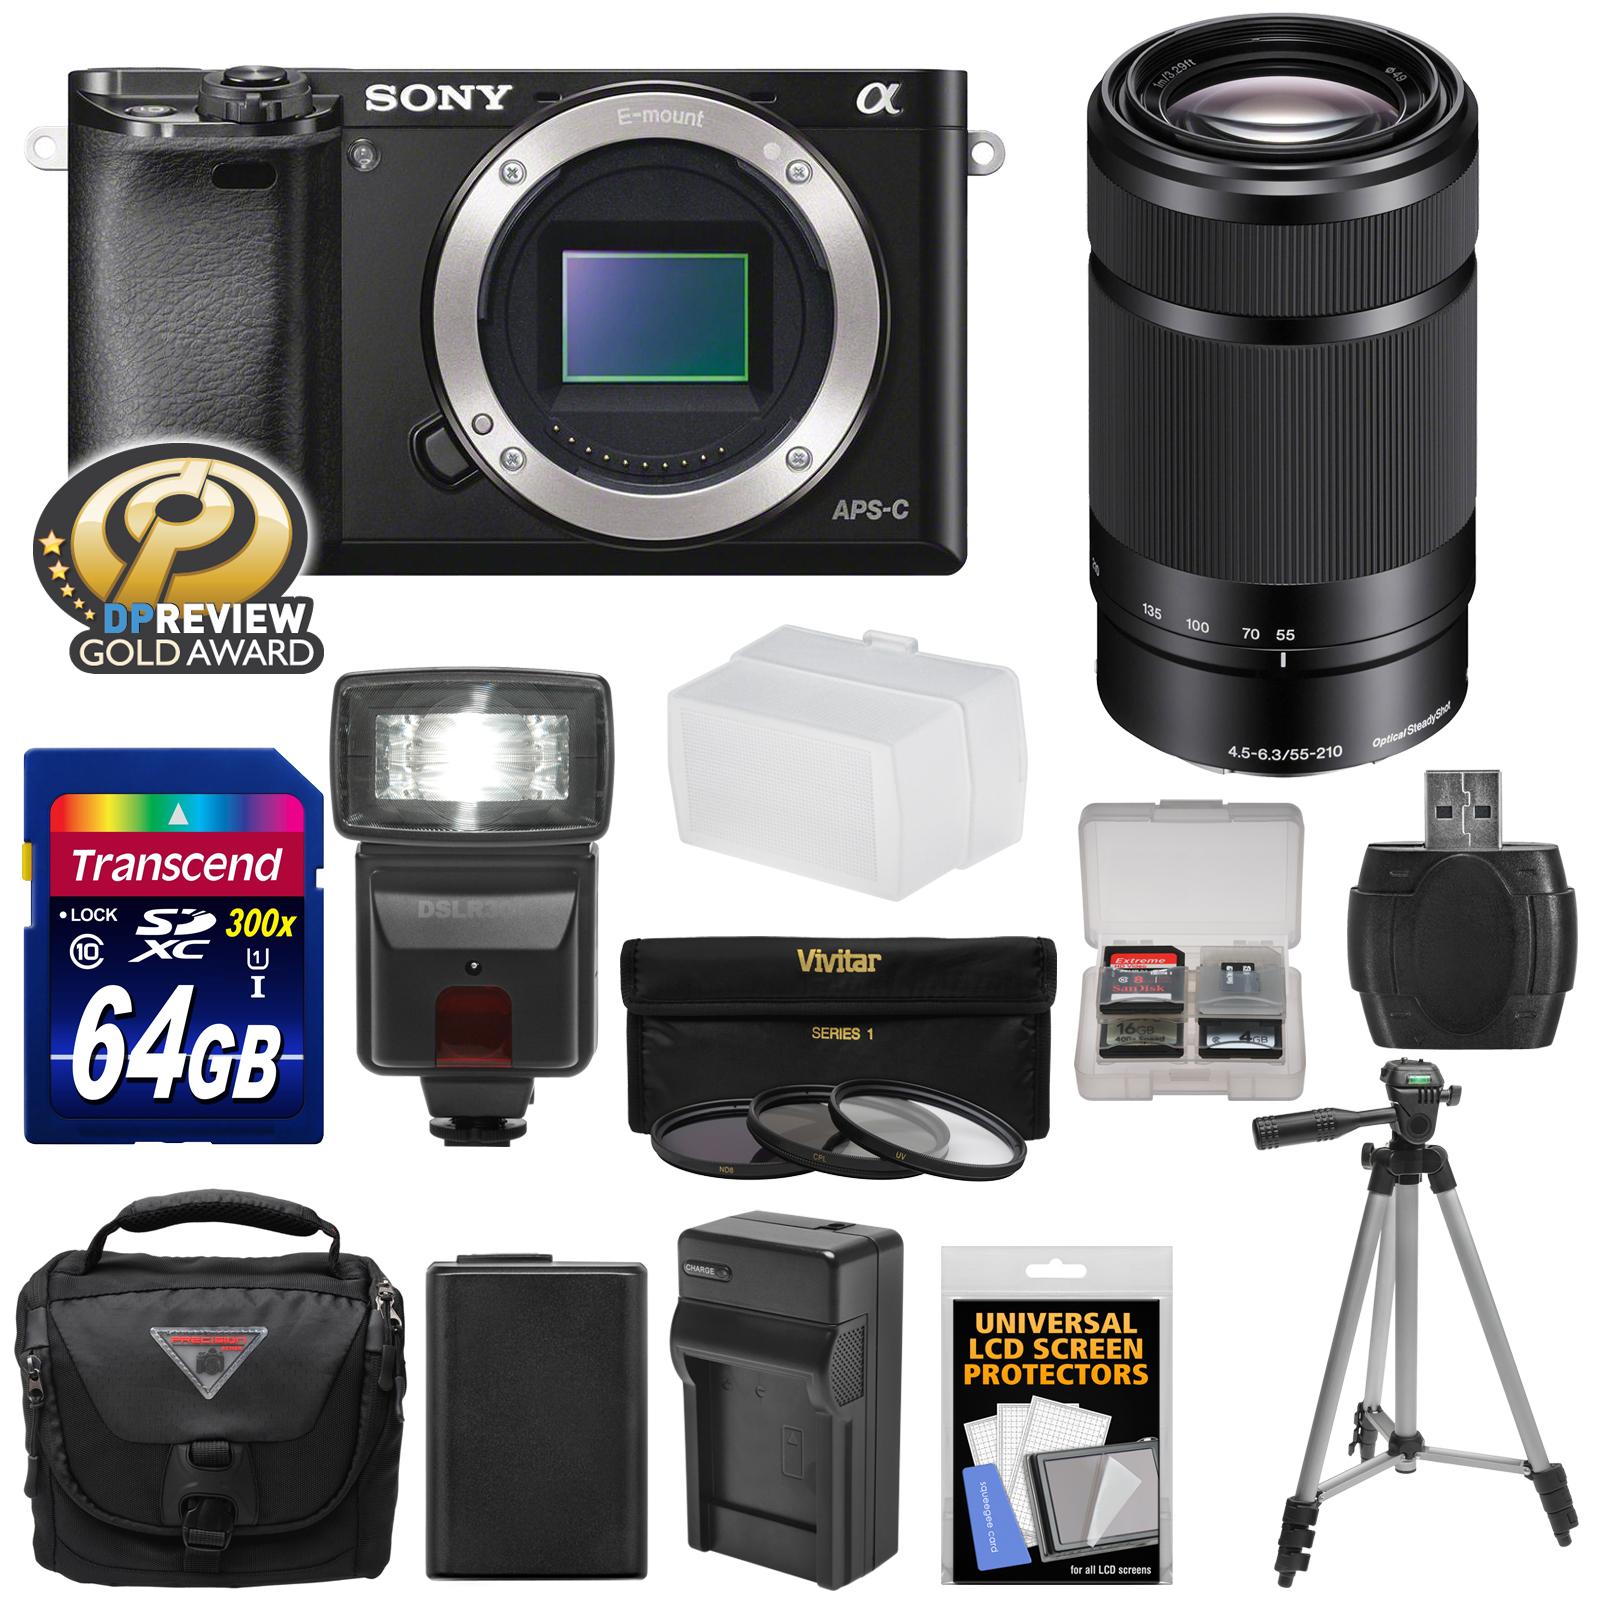 Camara Fotografica Compacta  SONY alfa A6000 WiFi Cámara Digital cuerpo (negro) con lente 55-210mm + tarjeta de 64GB + Flash + funda + trípode + cargador + Kit + Sony en Veo y Compro